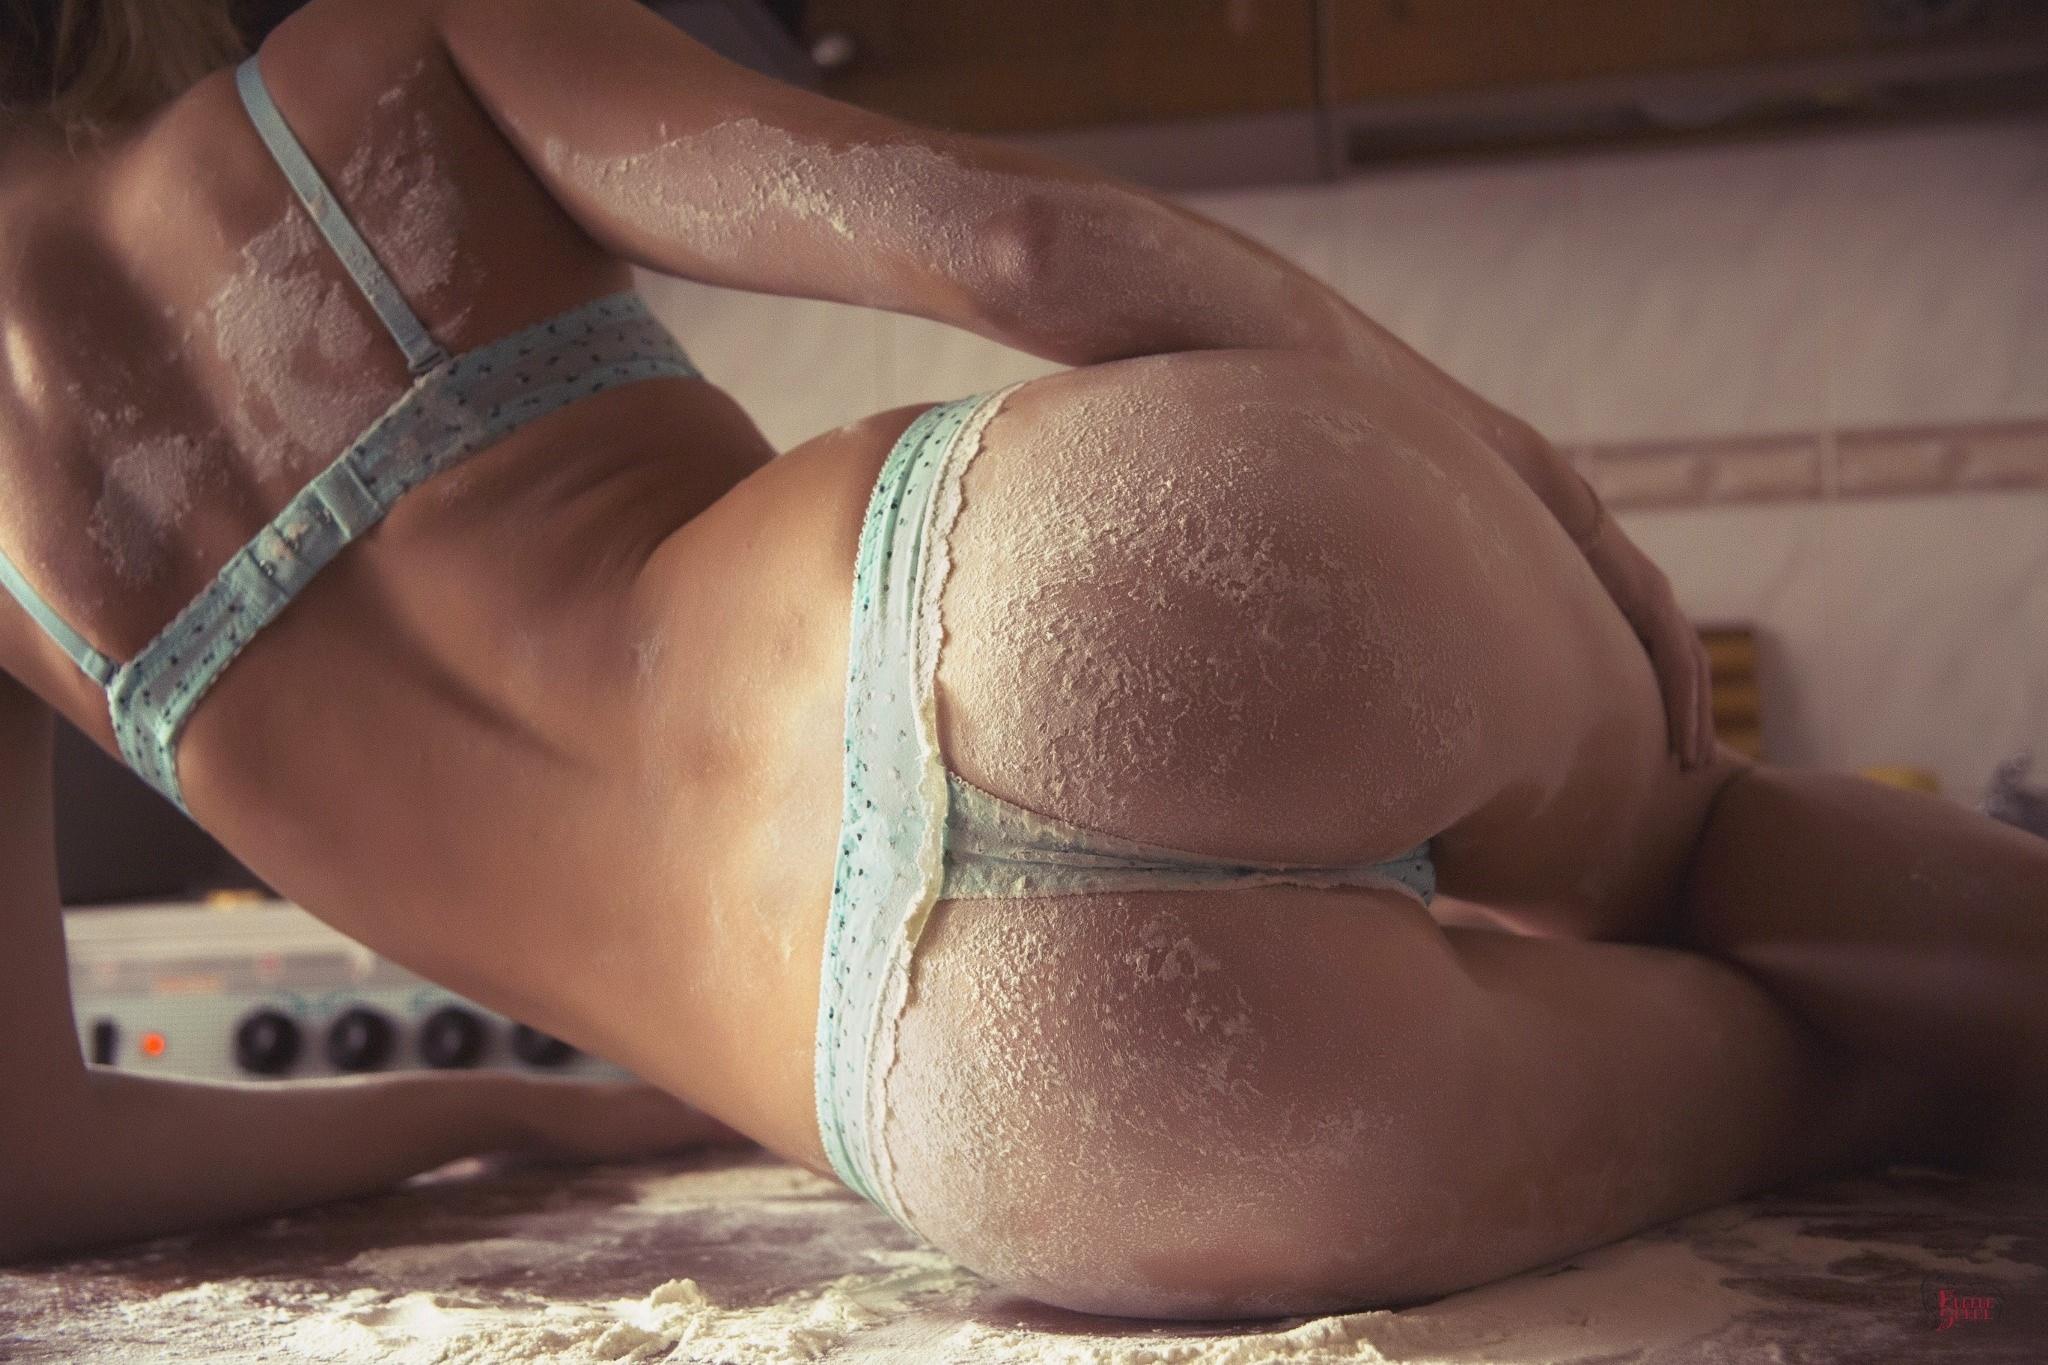 Фото Сексуальная домохозяйка в голубых стрингах и лифчике на столе с мукой, сексуальное тело в муке, мучная попка. Sexy girl in flour, light blue underwear, sexy body, blue panties, sexy ass, lingerie girl on a table, скачать картинку бесплатно